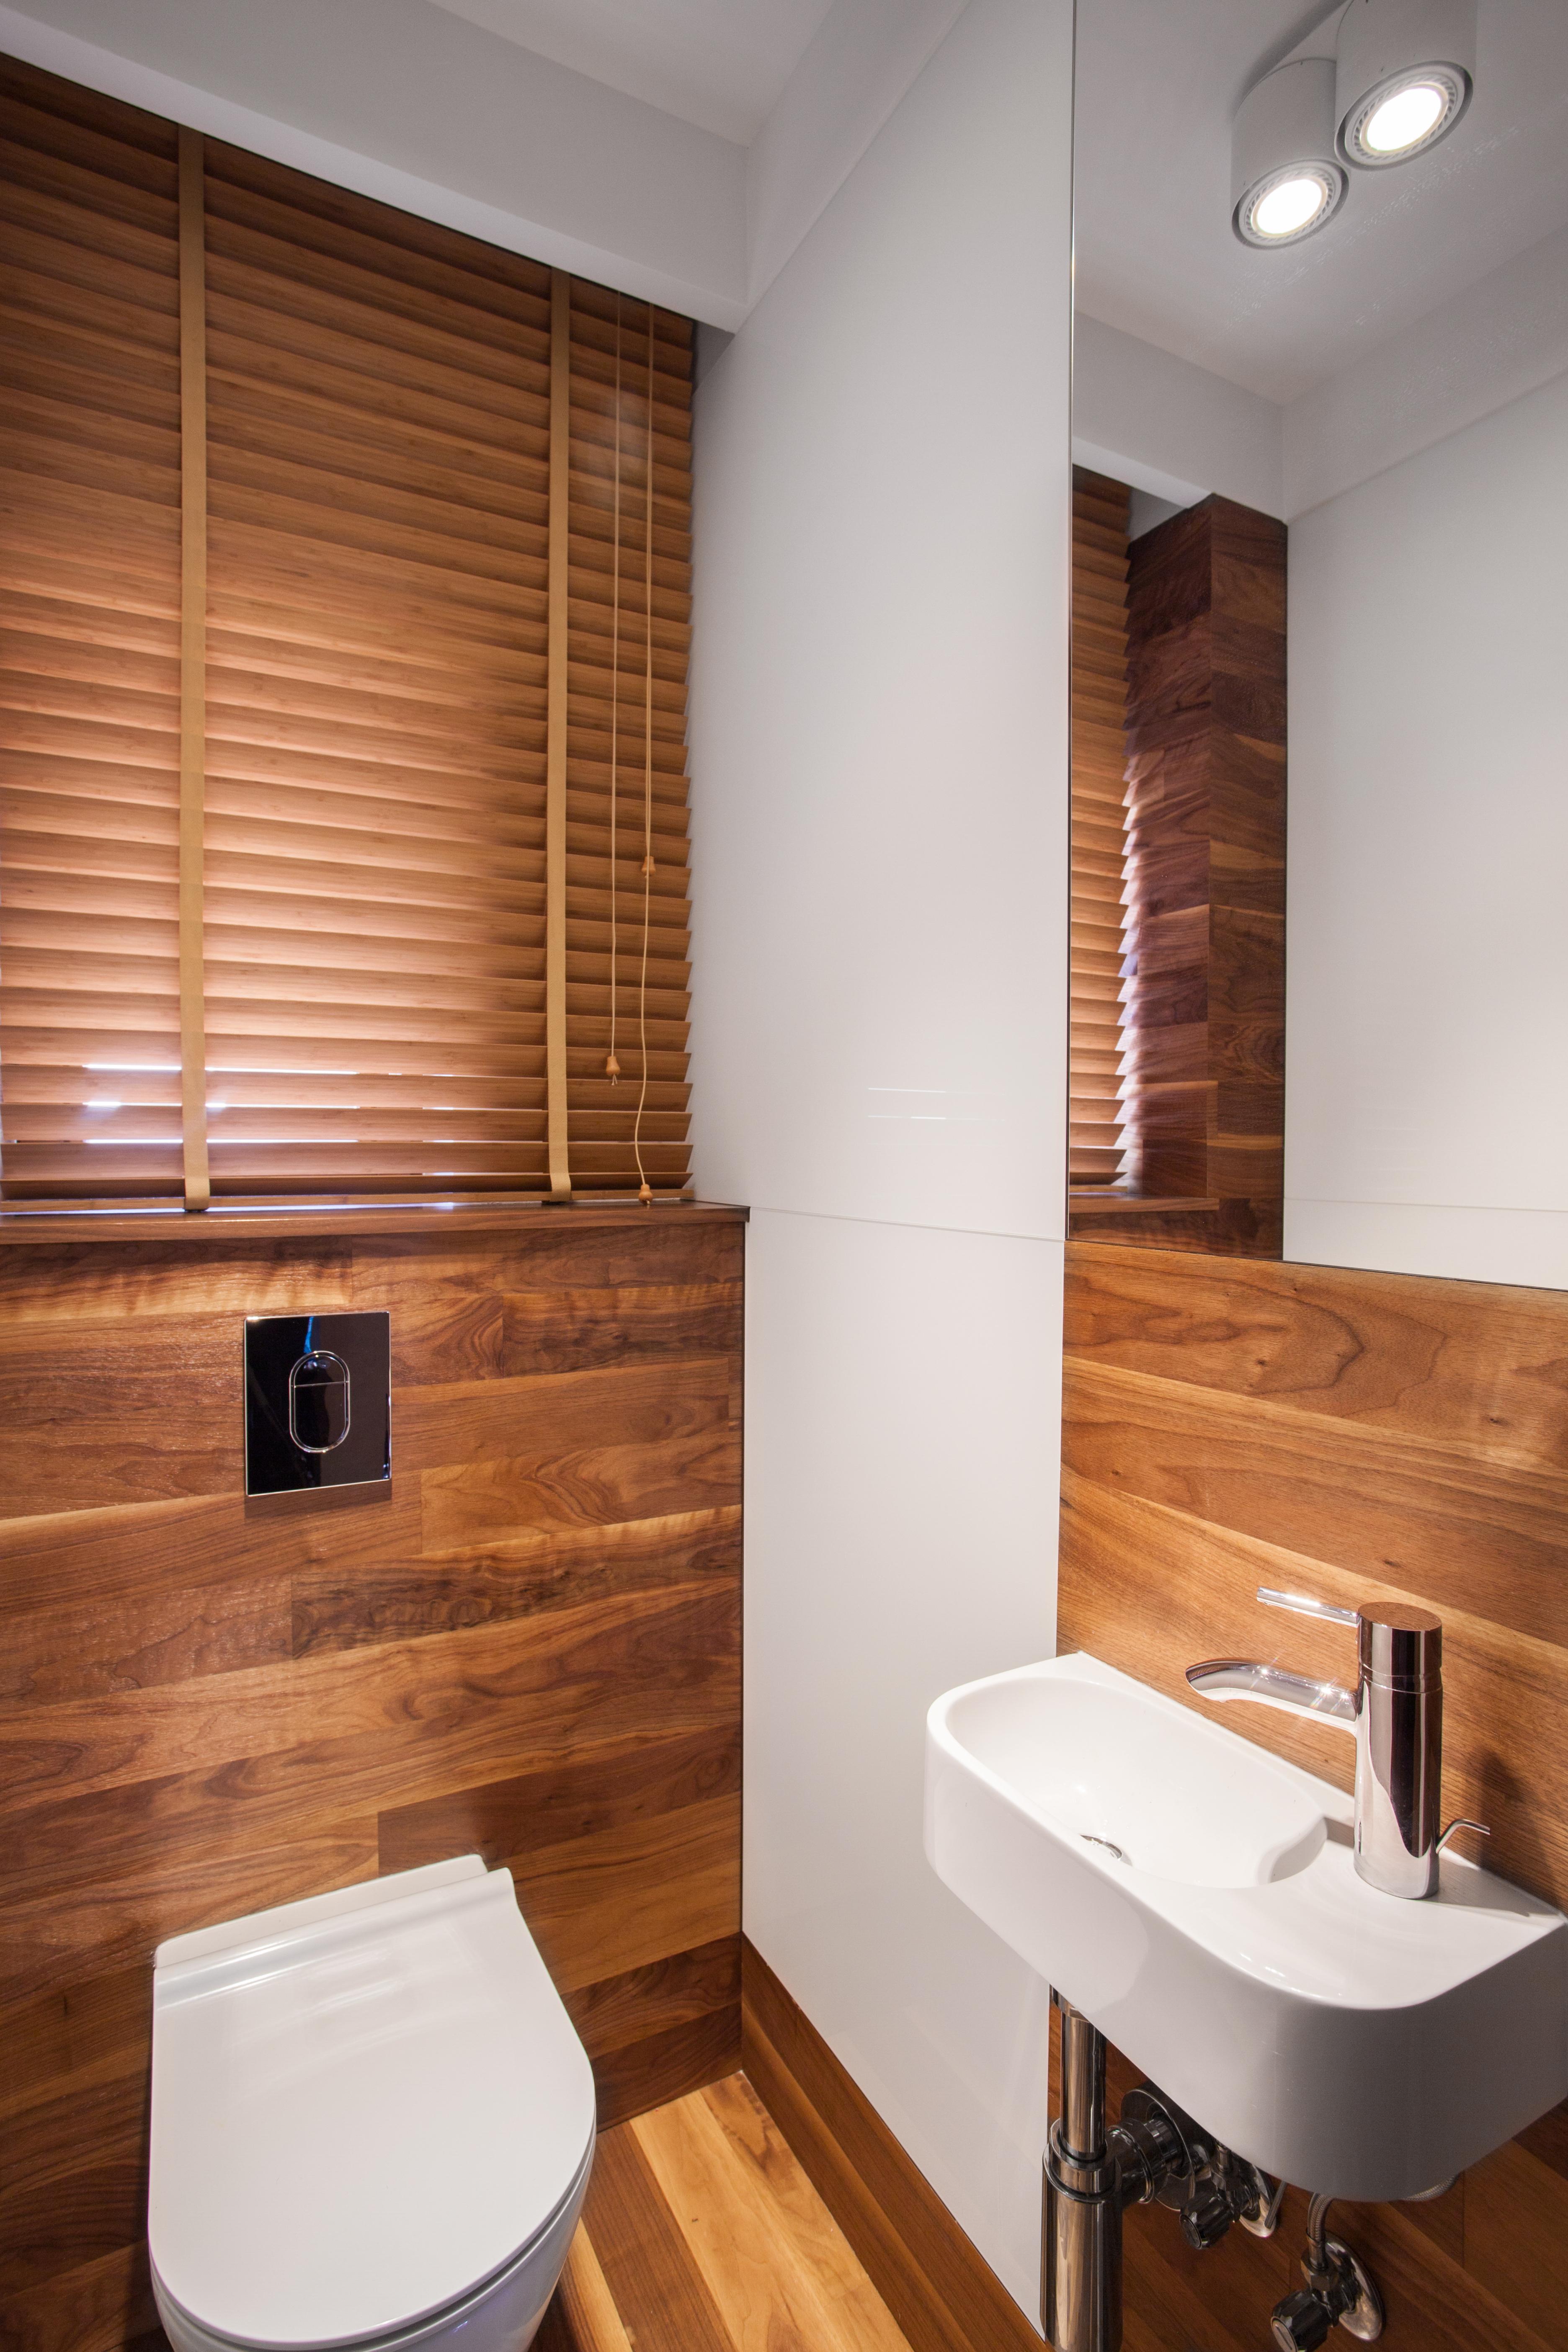 Baños de cortesía, un valor añadido para tu piso - Api.cat